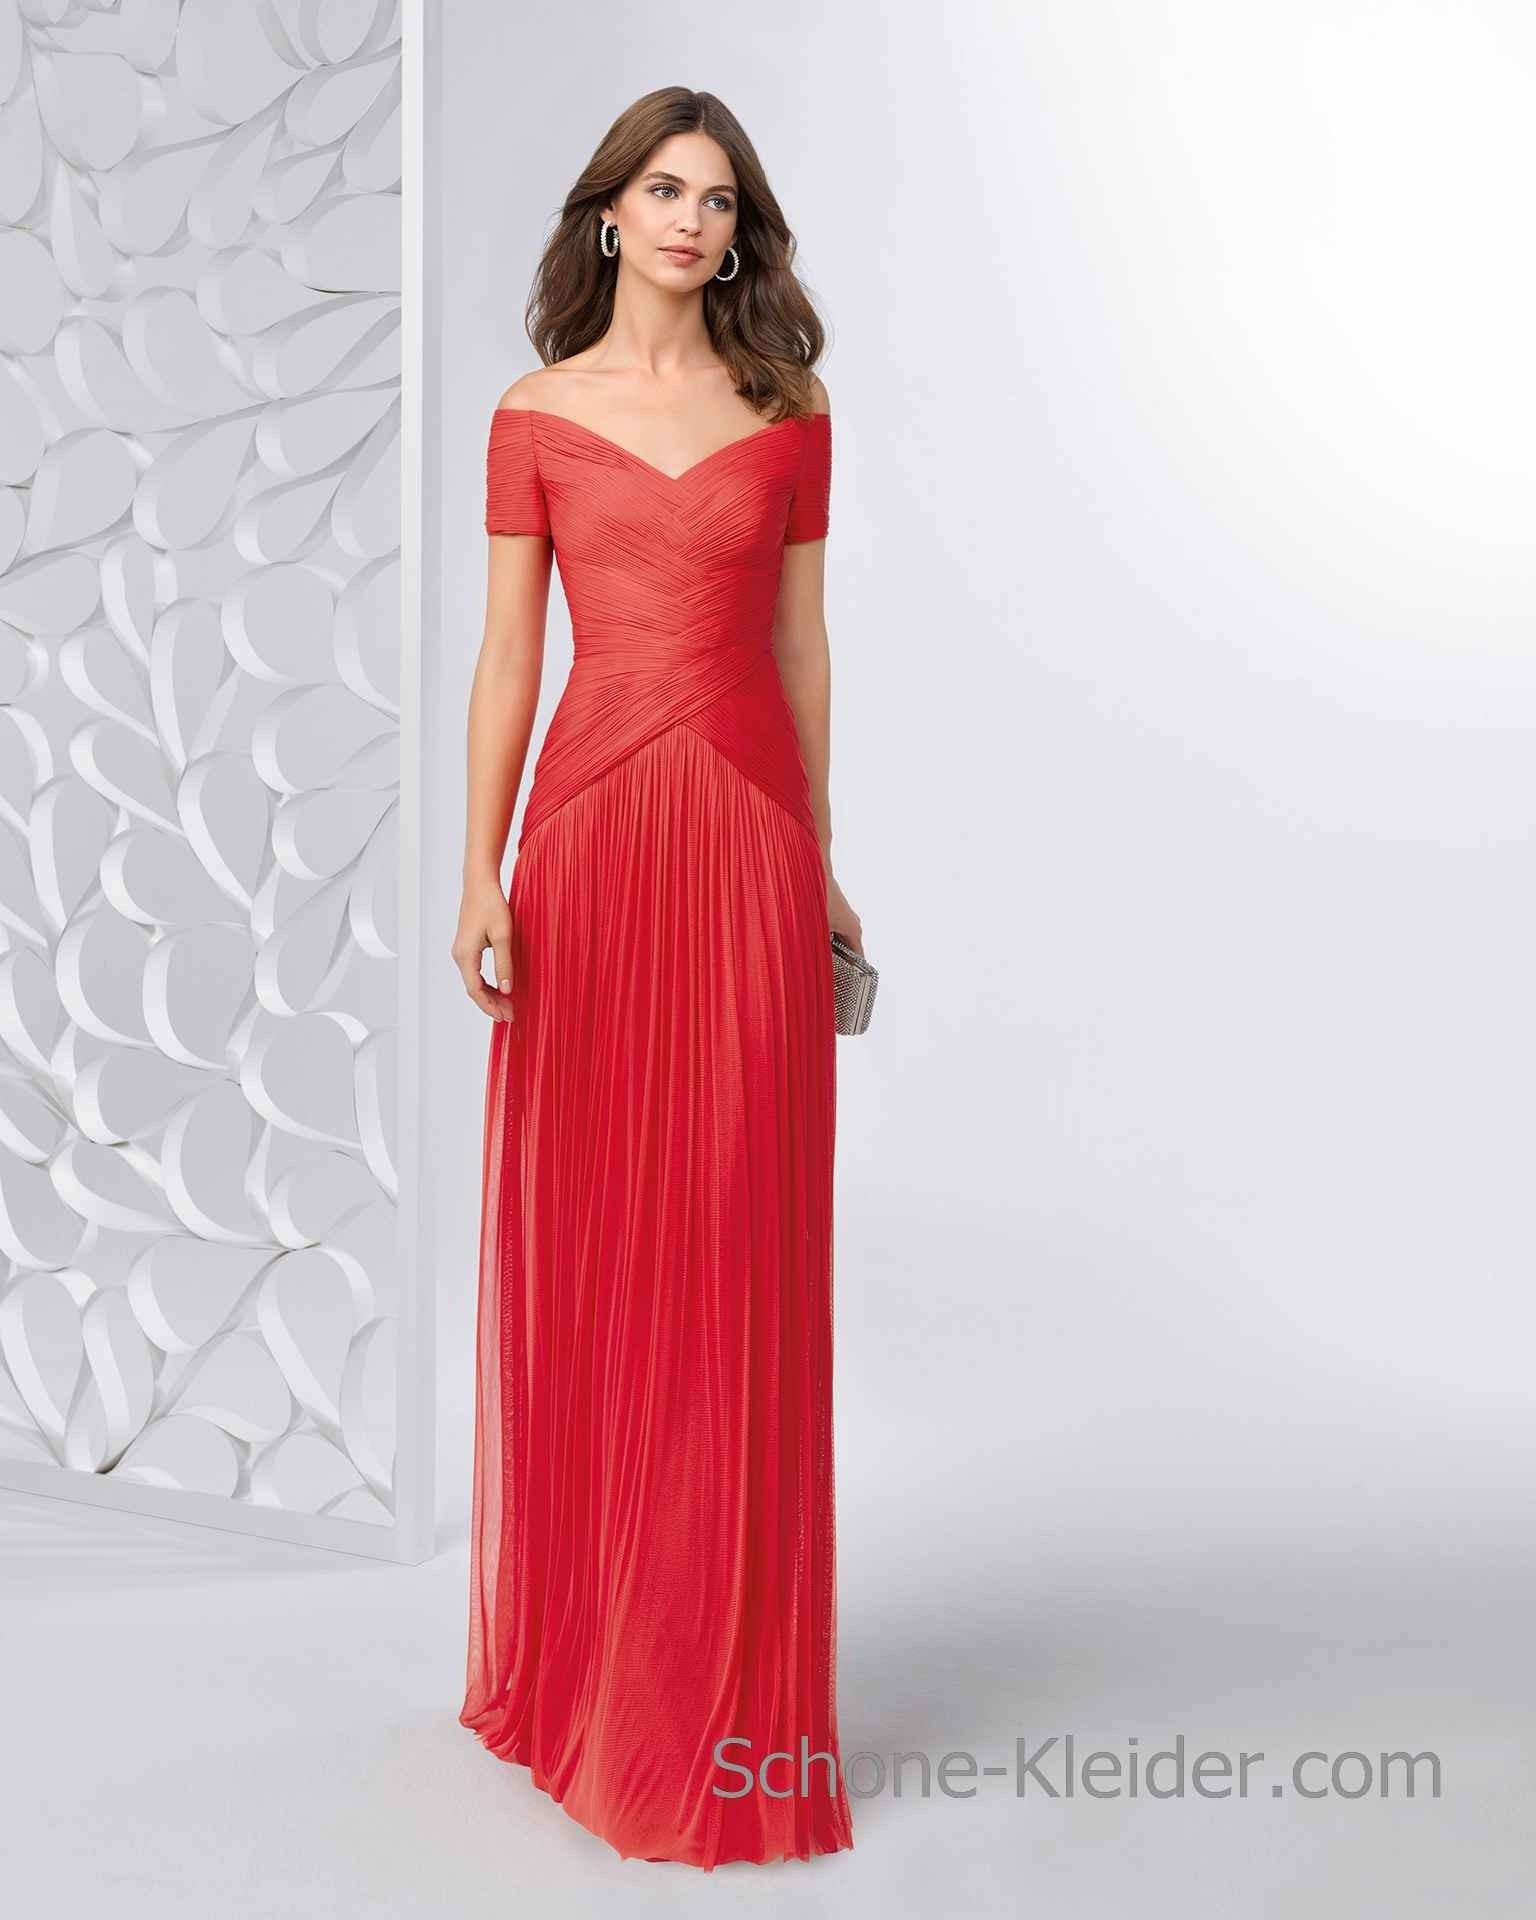 20 Spektakulär Abendkleider Lang Für Junge Damen für 201913 Ausgezeichnet Abendkleider Lang Für Junge Damen Spezialgebiet